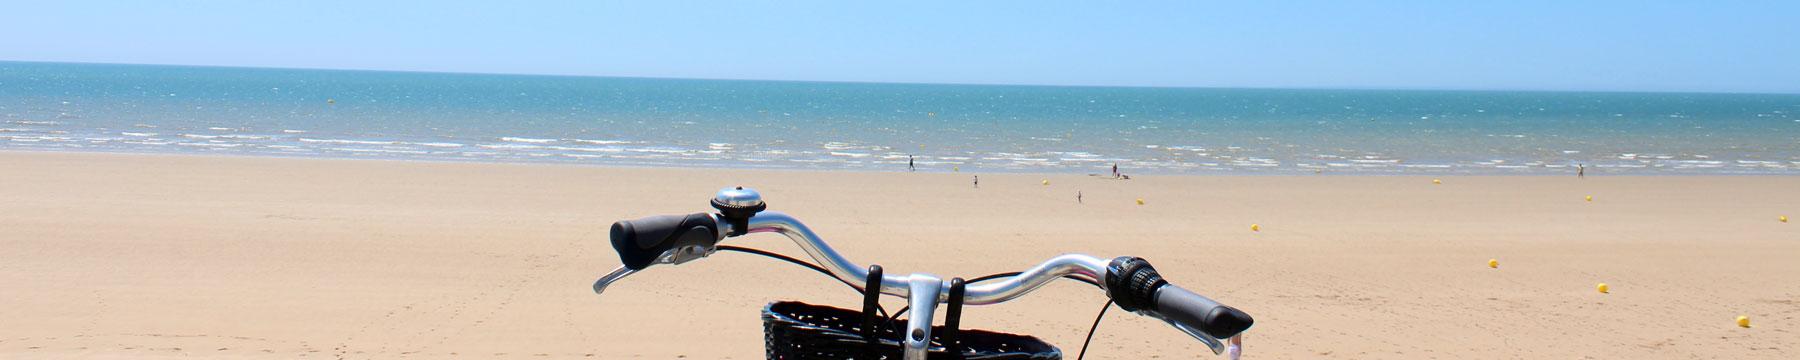 Location de vélos avec FranceBikeHire.com